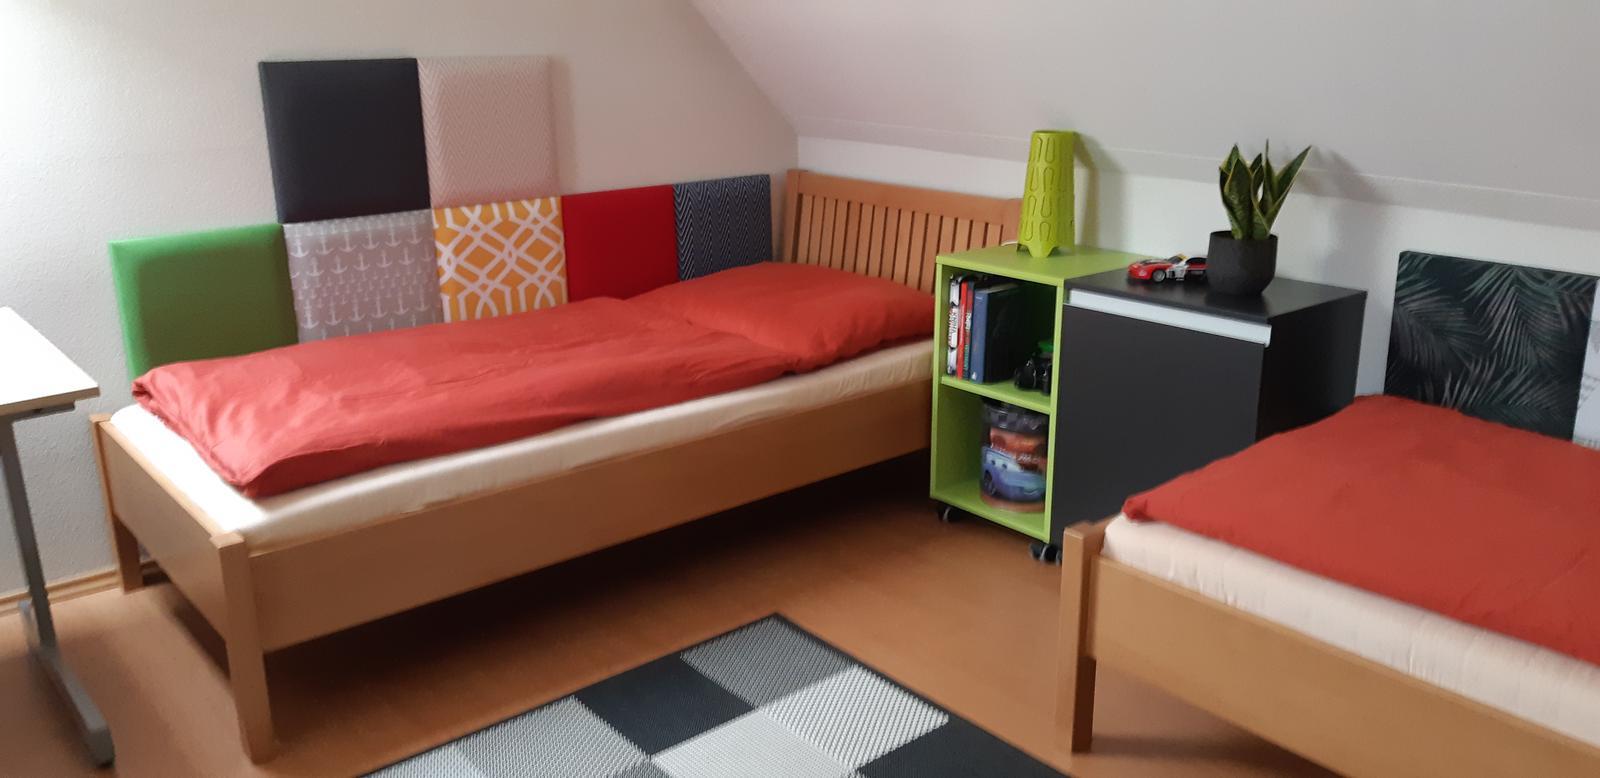 Máme radi odvážne projekty:) Čo poviete na takéto riešenie panelov za chlapčenké postele? - Obrázok č. 2